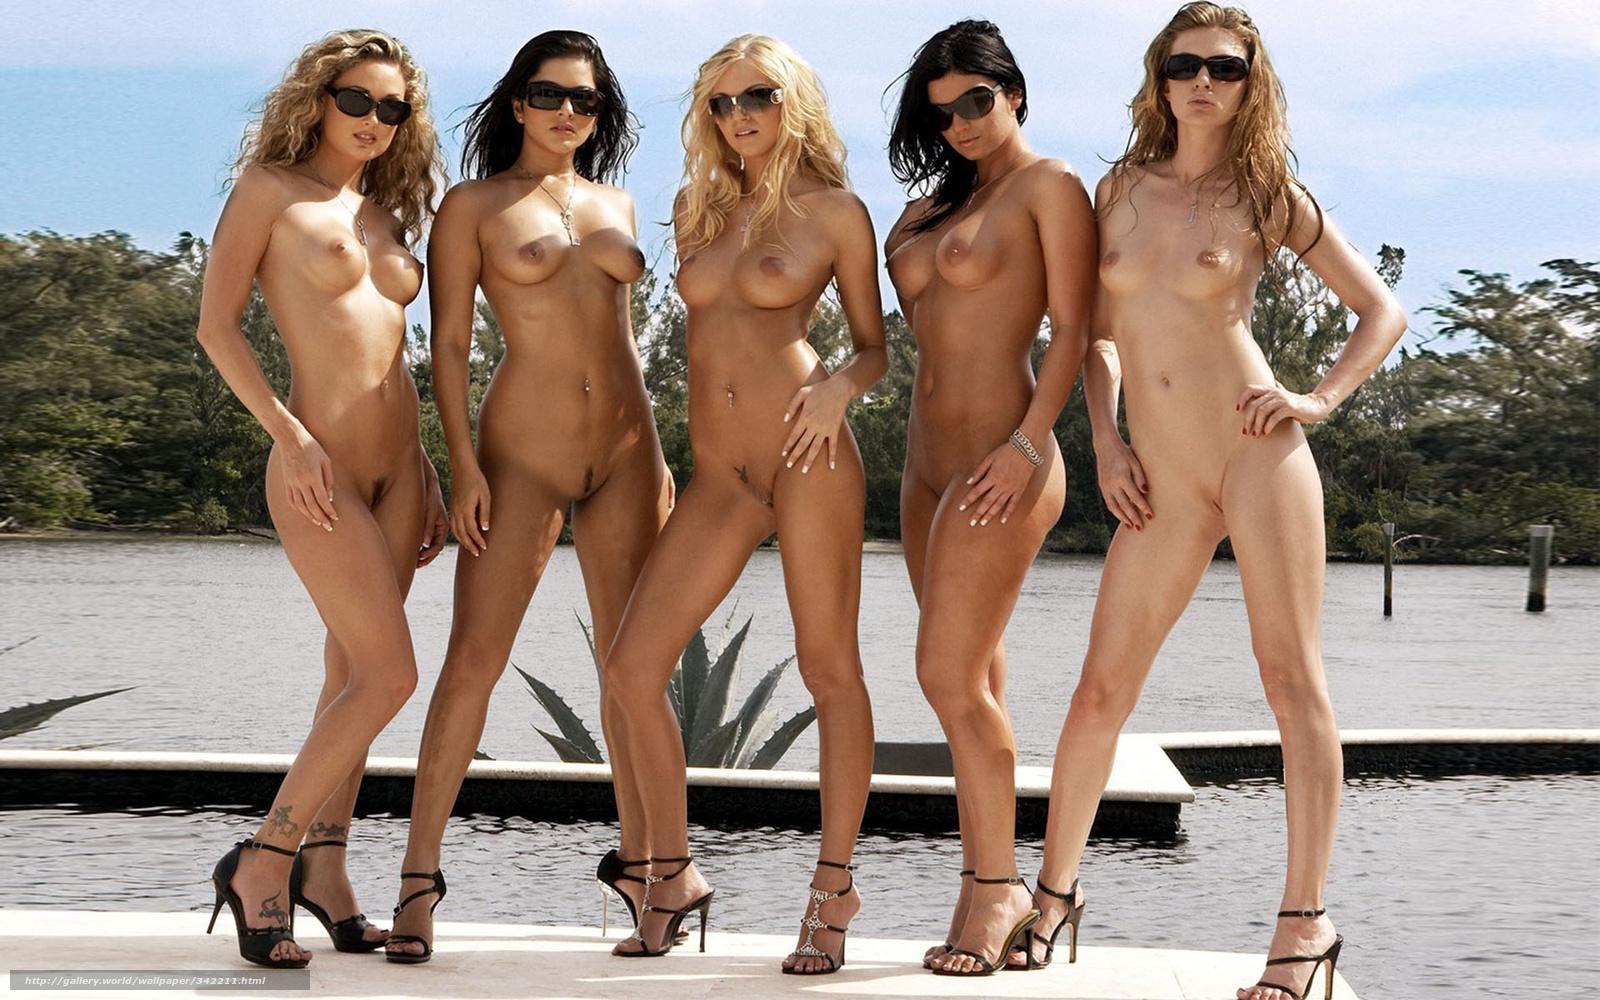 там самый полный сборник голых девчонок относитесь мужчинам